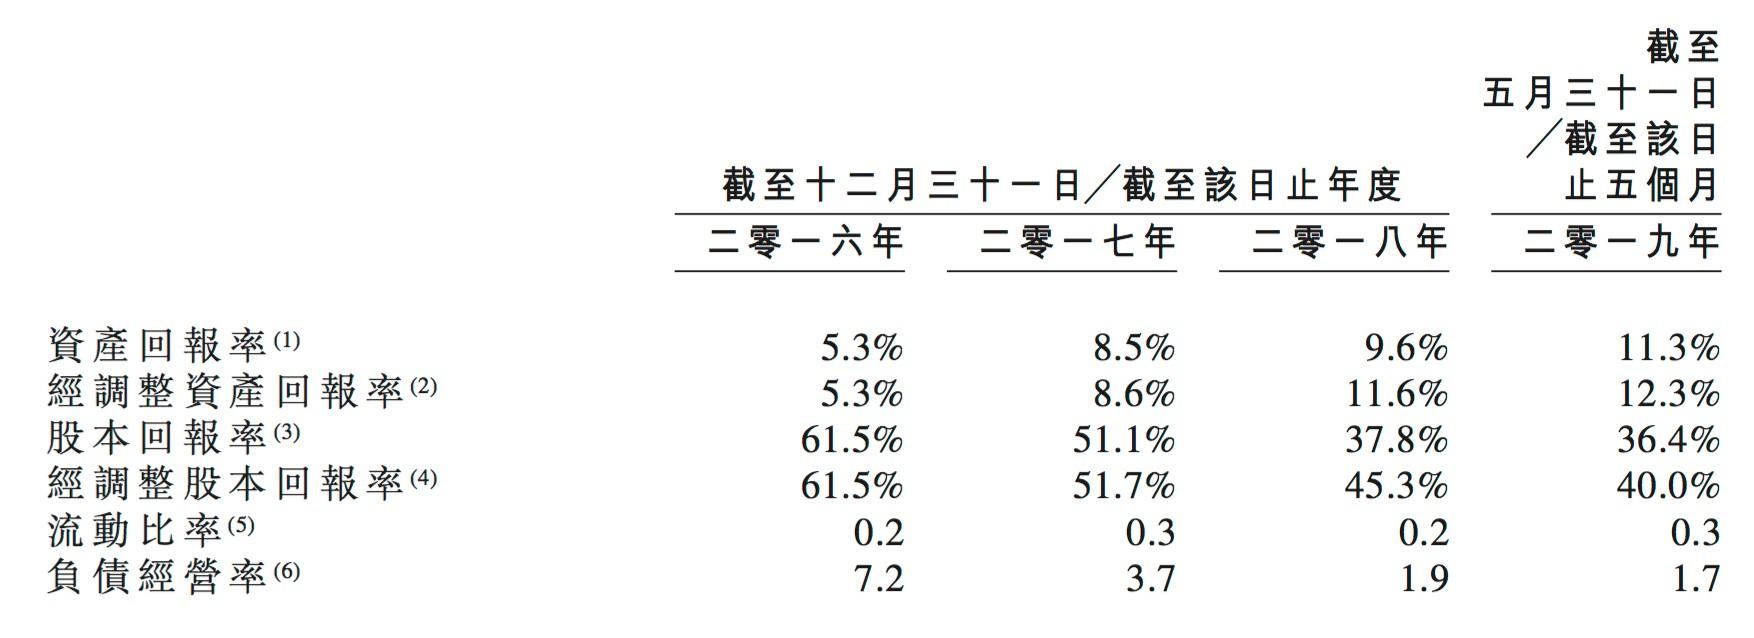 「博马网站」湖北国资59.6亿元增资三安集团 间接持有三安光电7.96%股权